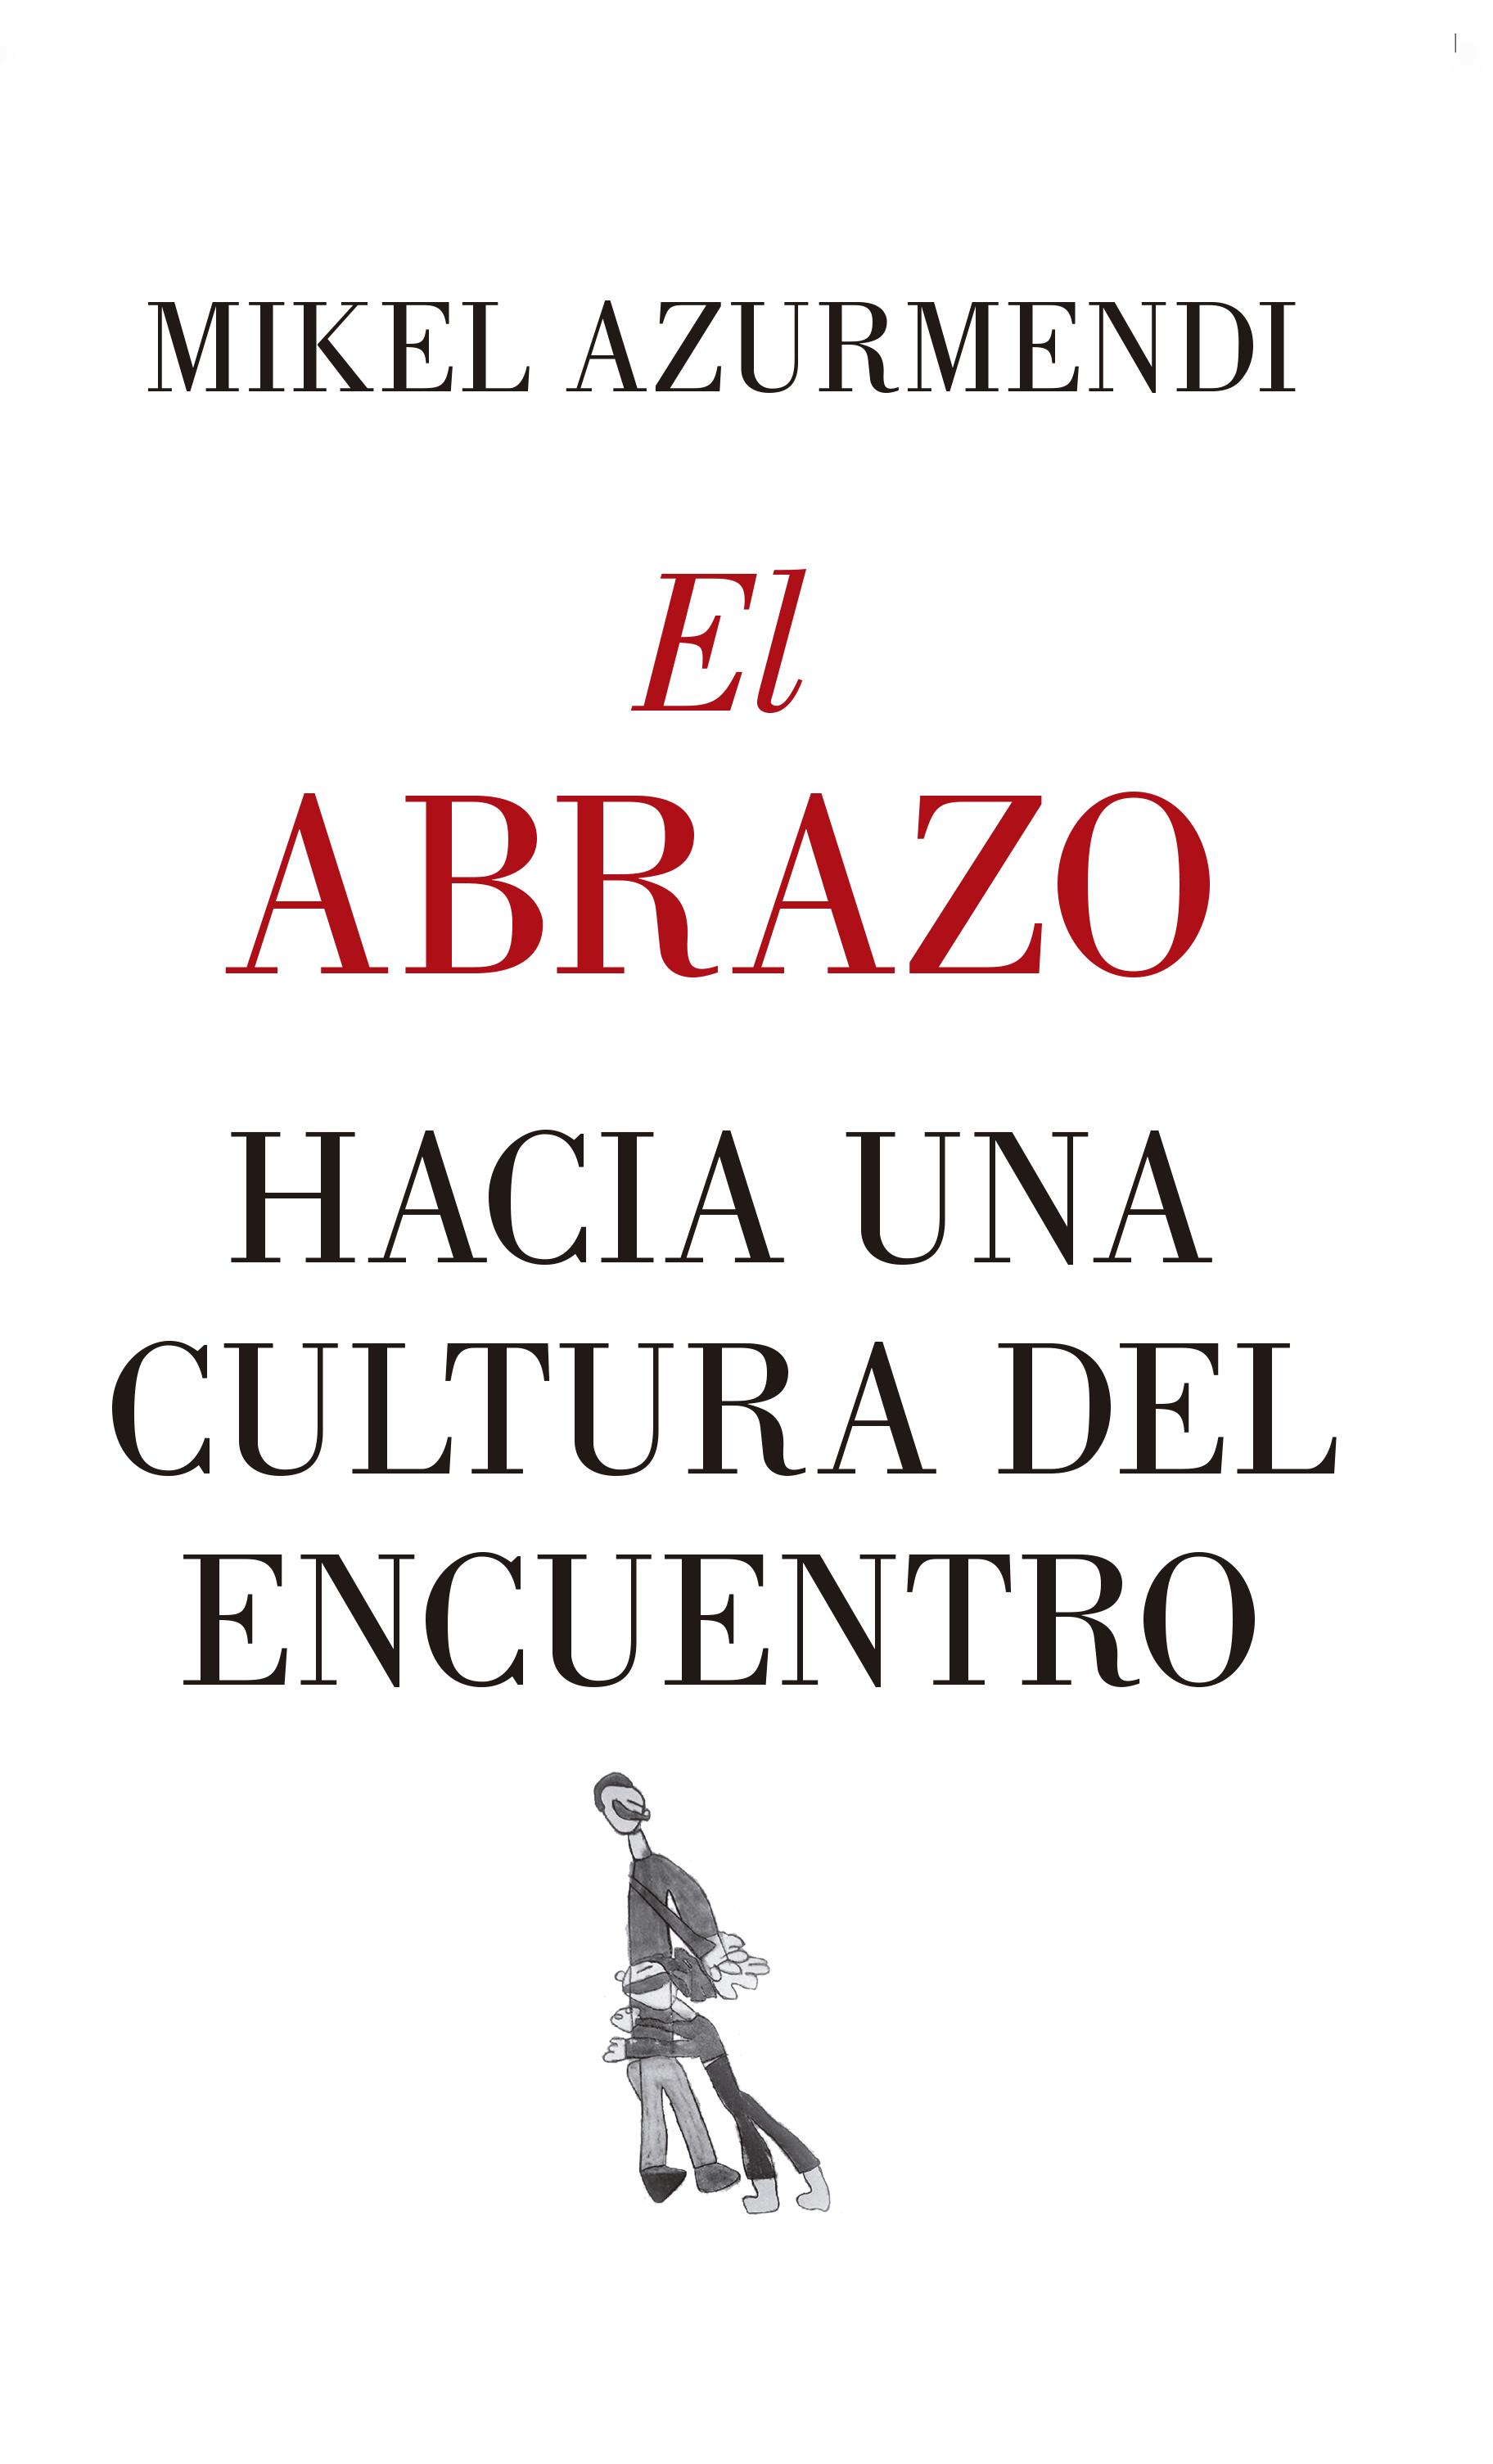 abrazo_azurmendi